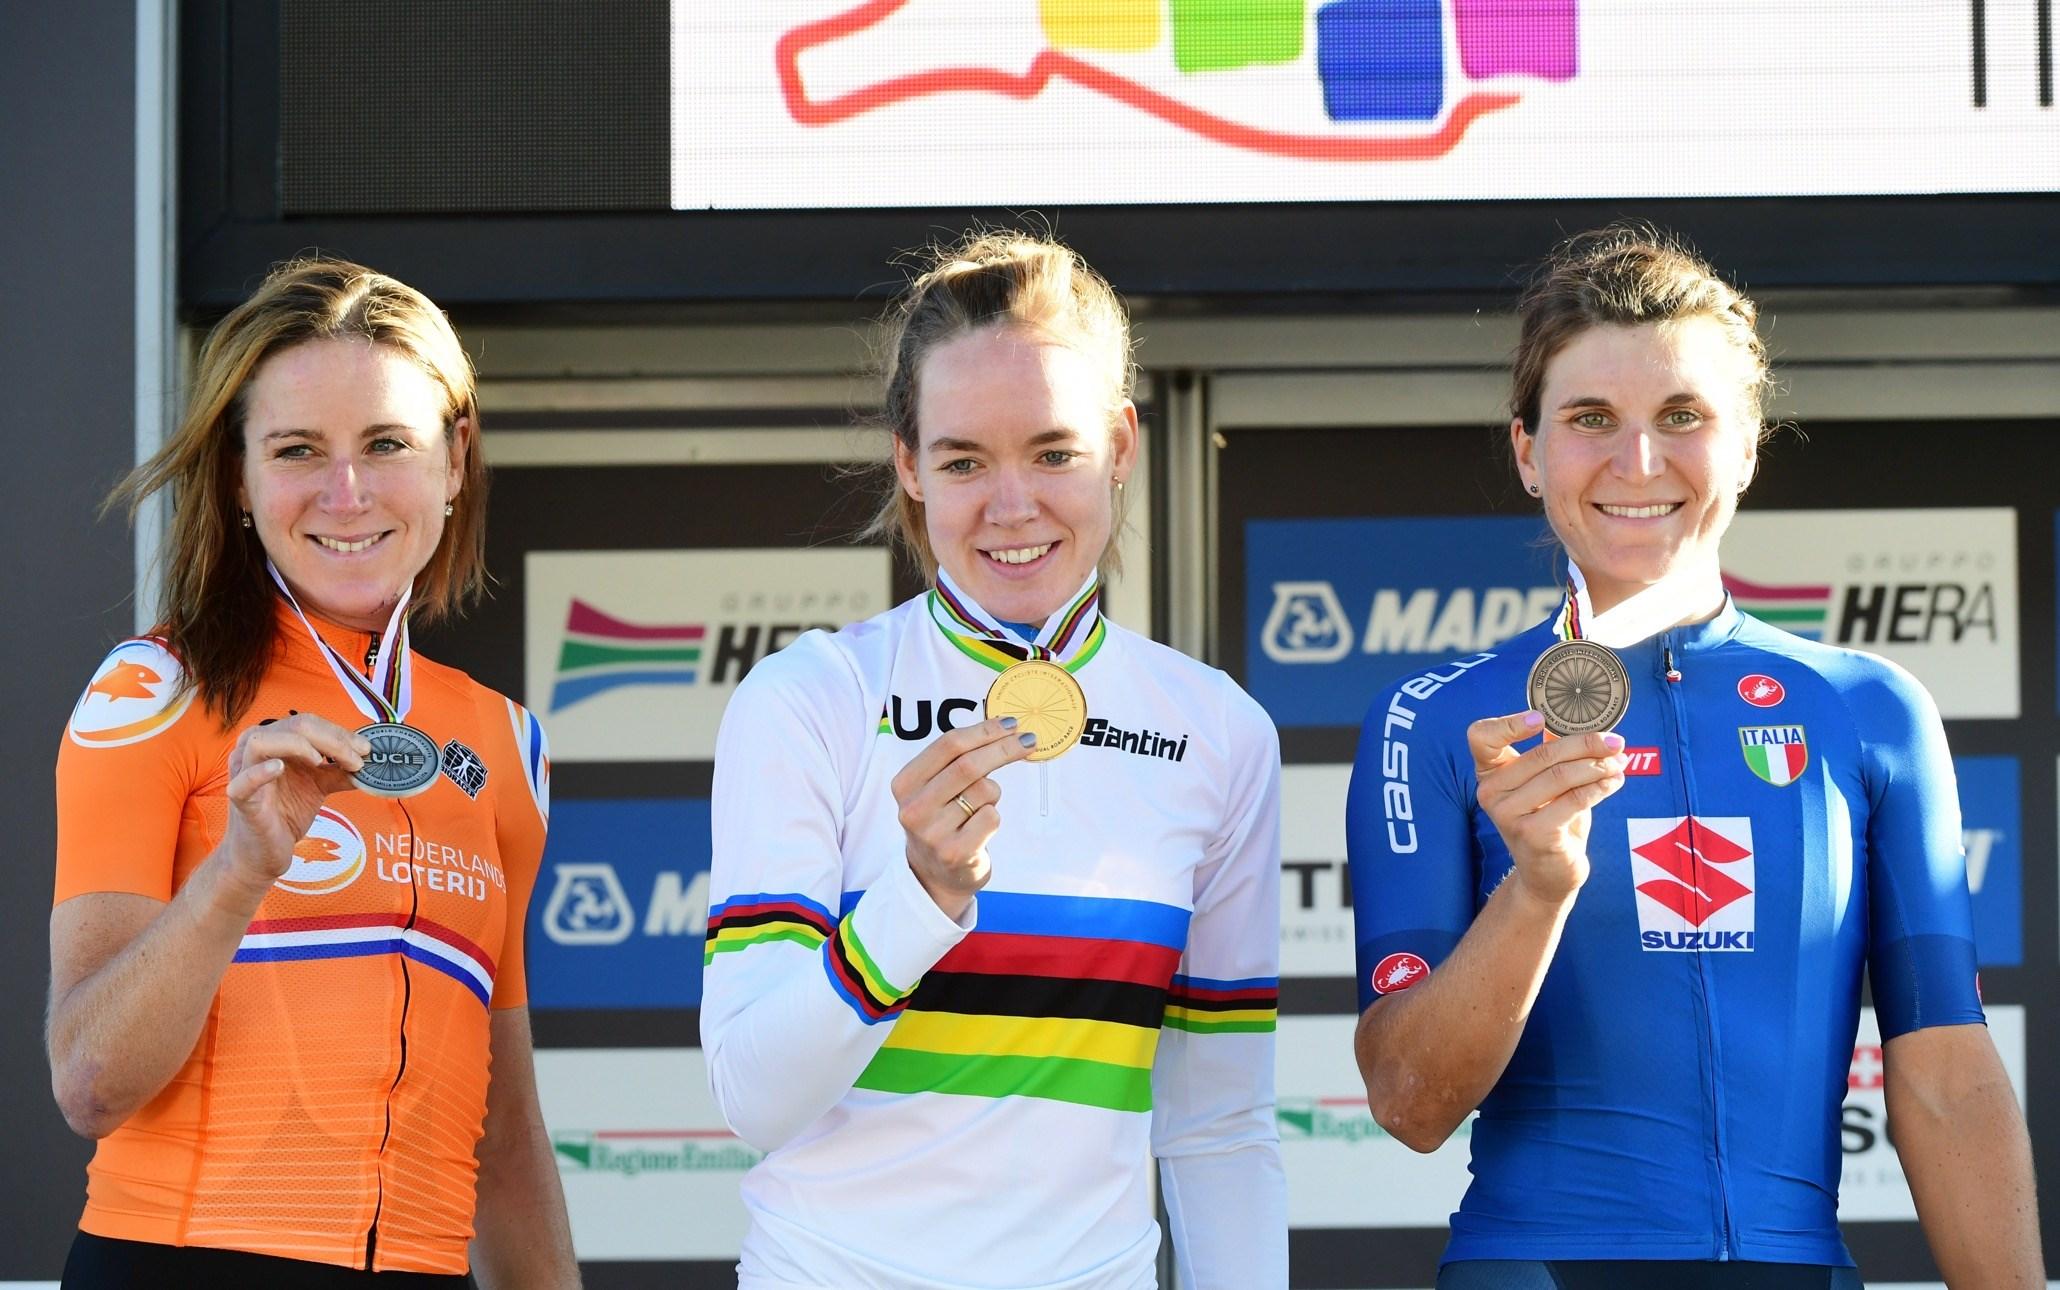 TeamNL-update:  Van der Breggen verovert tweede wereldtitel in Imola